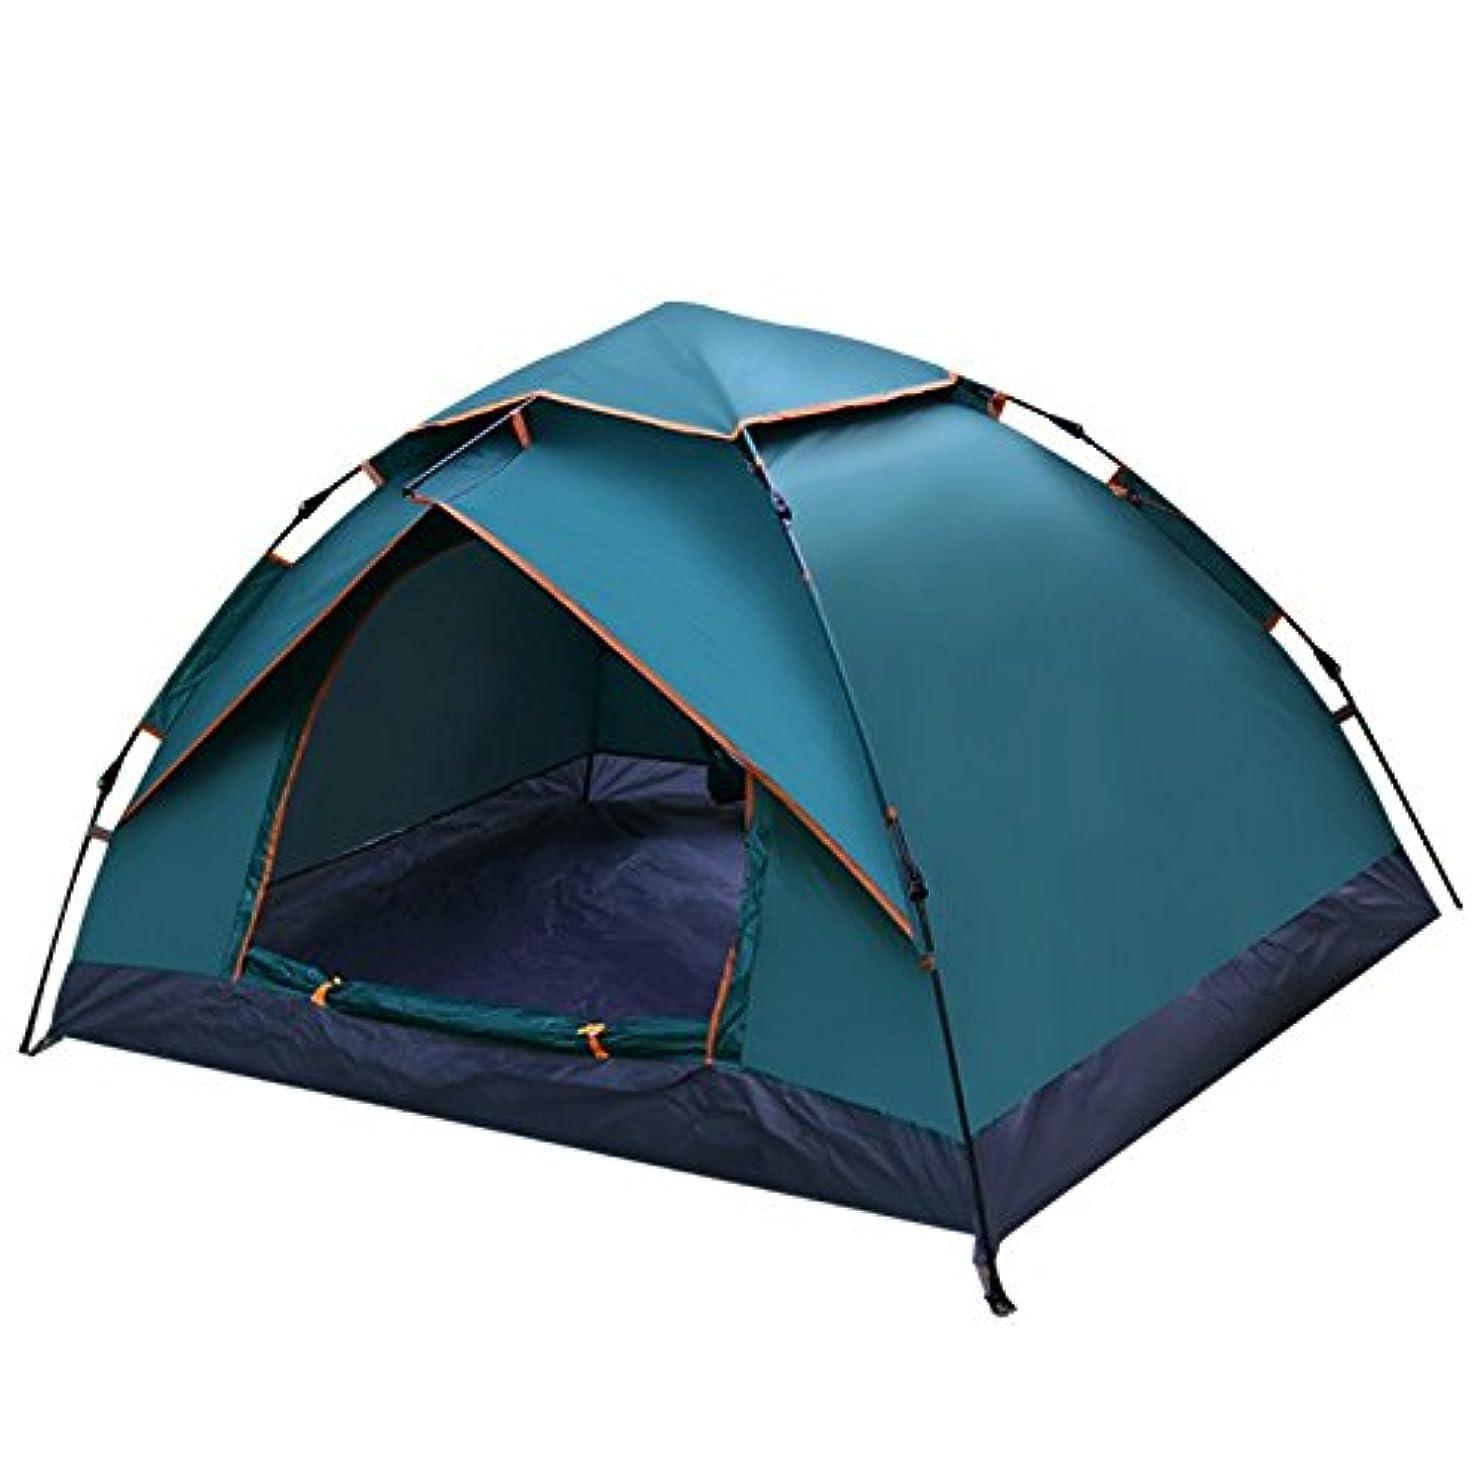 耳置くためにパック有罪Okiiting 2-3人屋外自動キャンプテント防水、防雨、抗UV、キャンプ用品、広いスペース、インストールが簡単、強力な換気、ビーチテント うまく設計された (Color : 1)